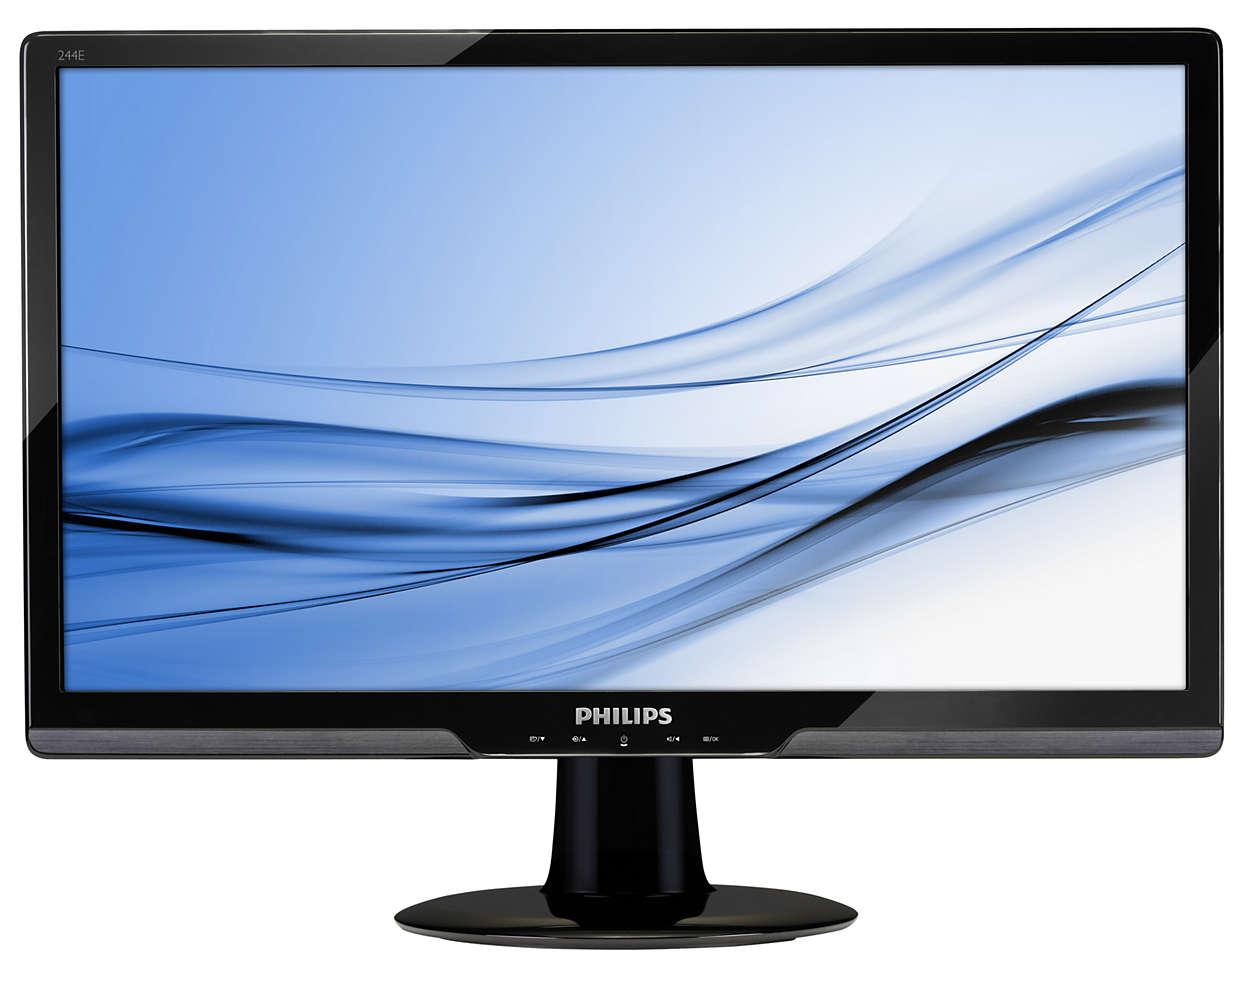 Wspaniała rozrywka na dużym monitorze wyposażonym w złącze HDMI